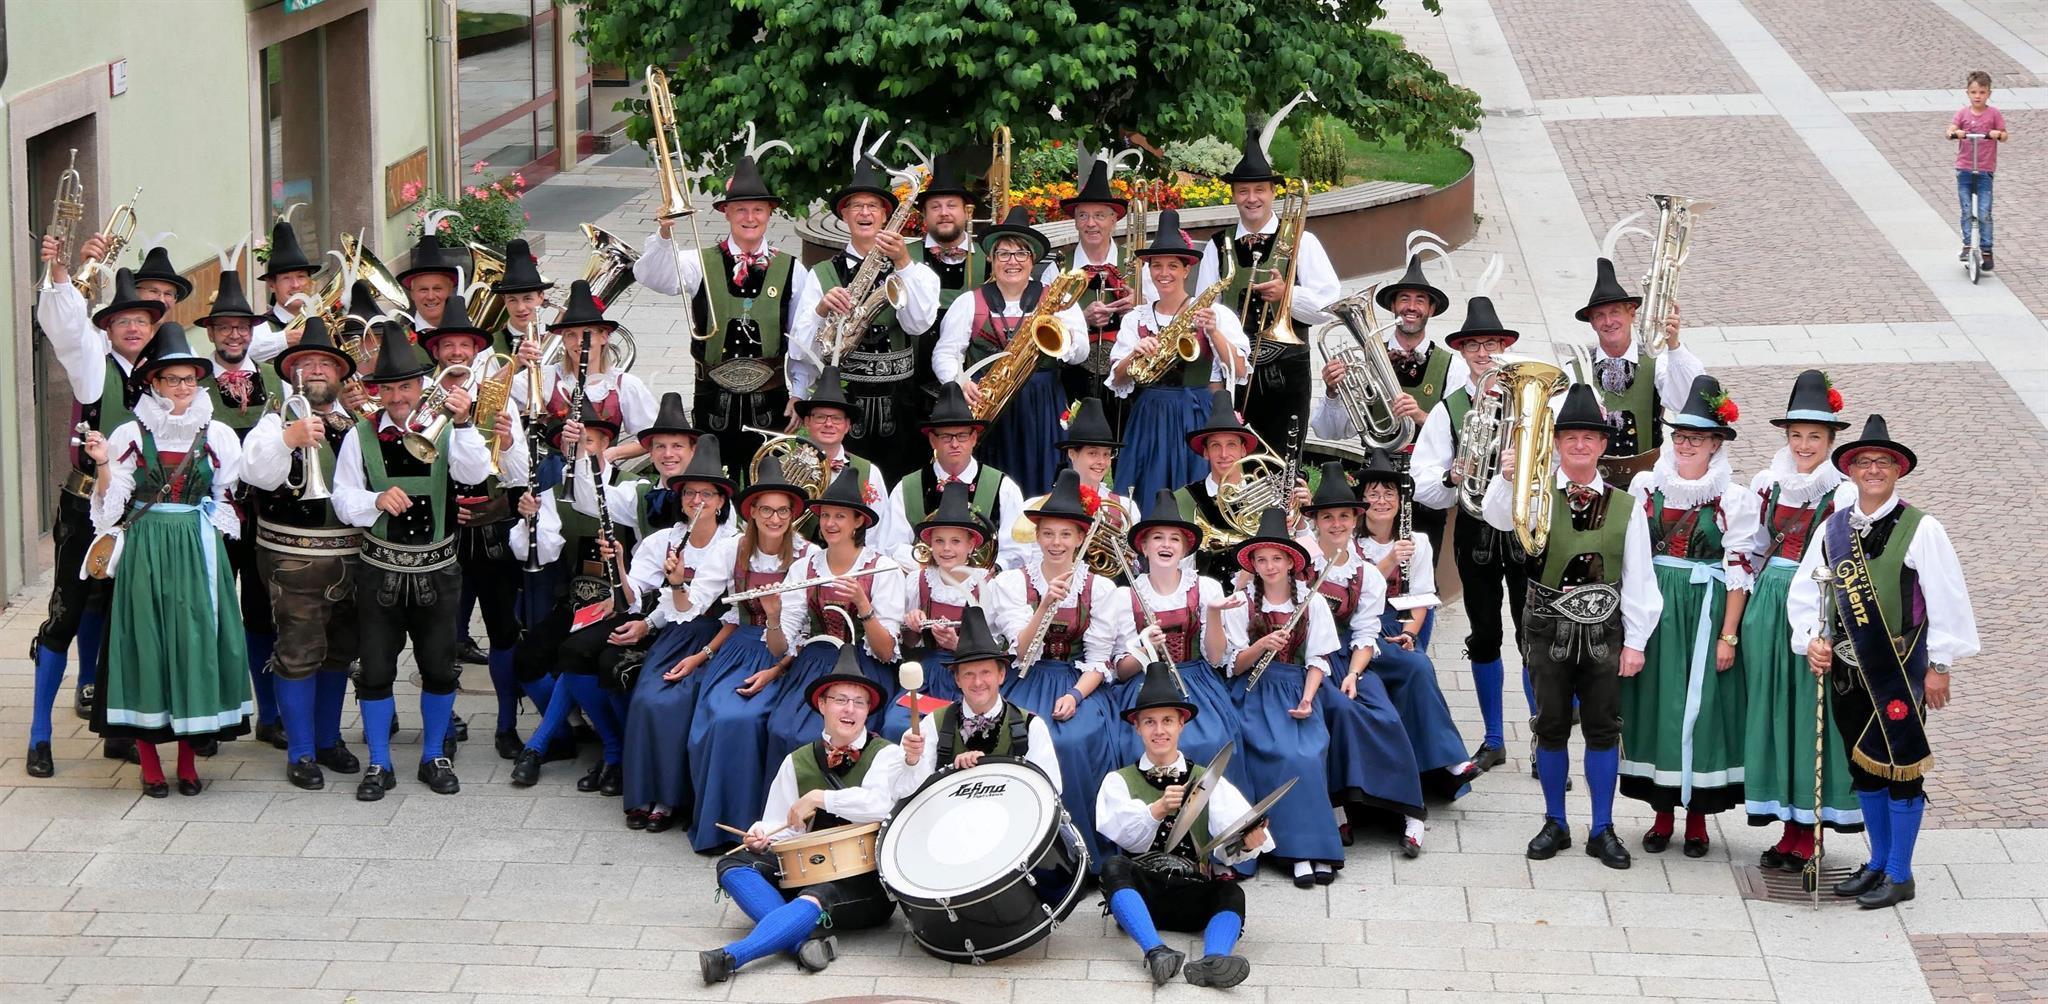 Stadtmusik-Lienz.jpg